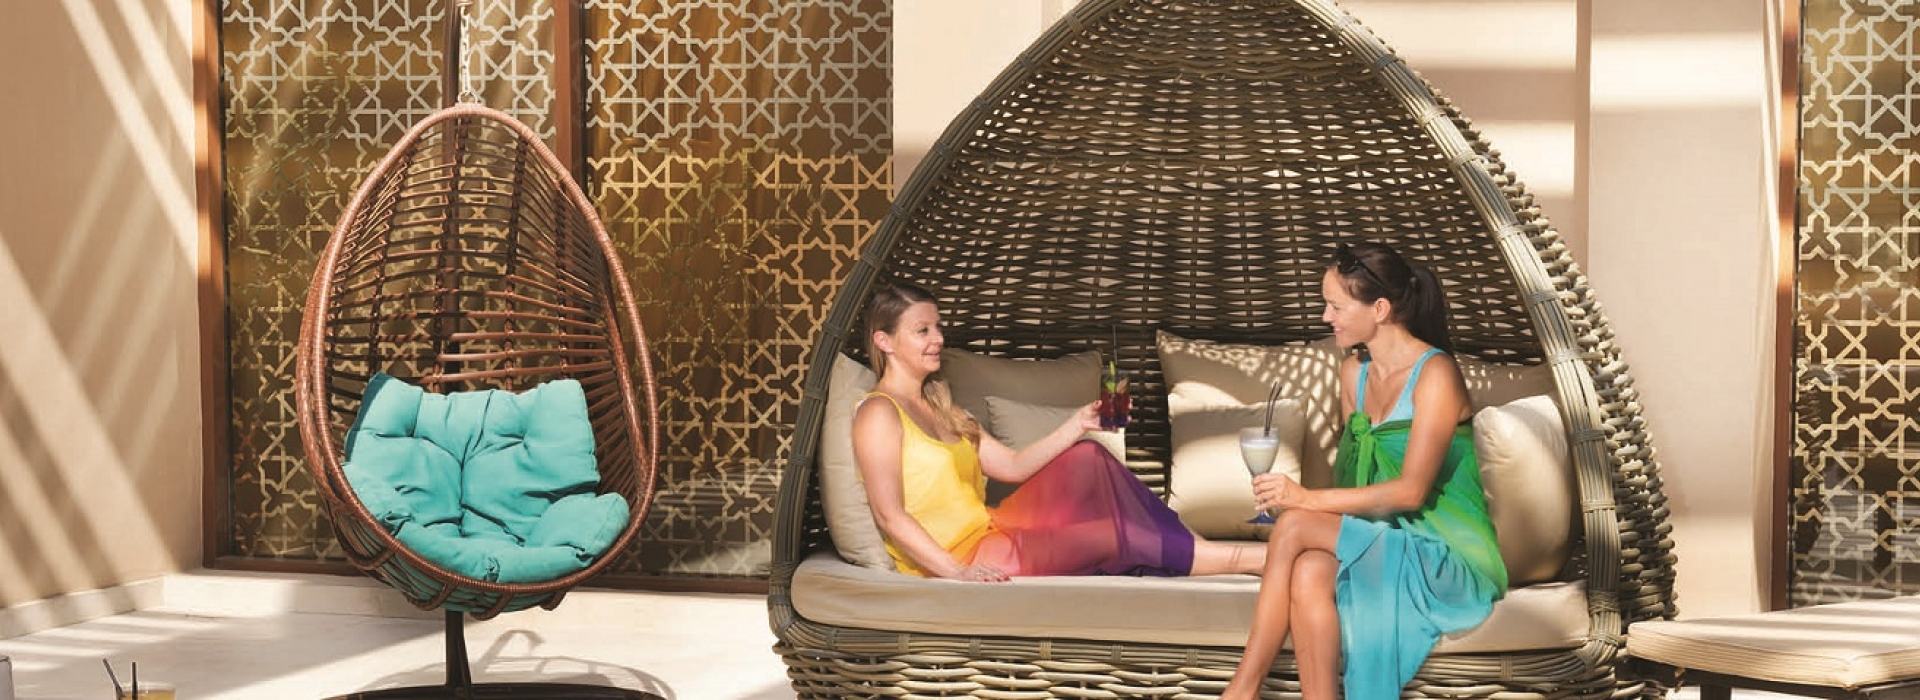 Double Tree by Hilton Resort & Spa Al Marjan 5*